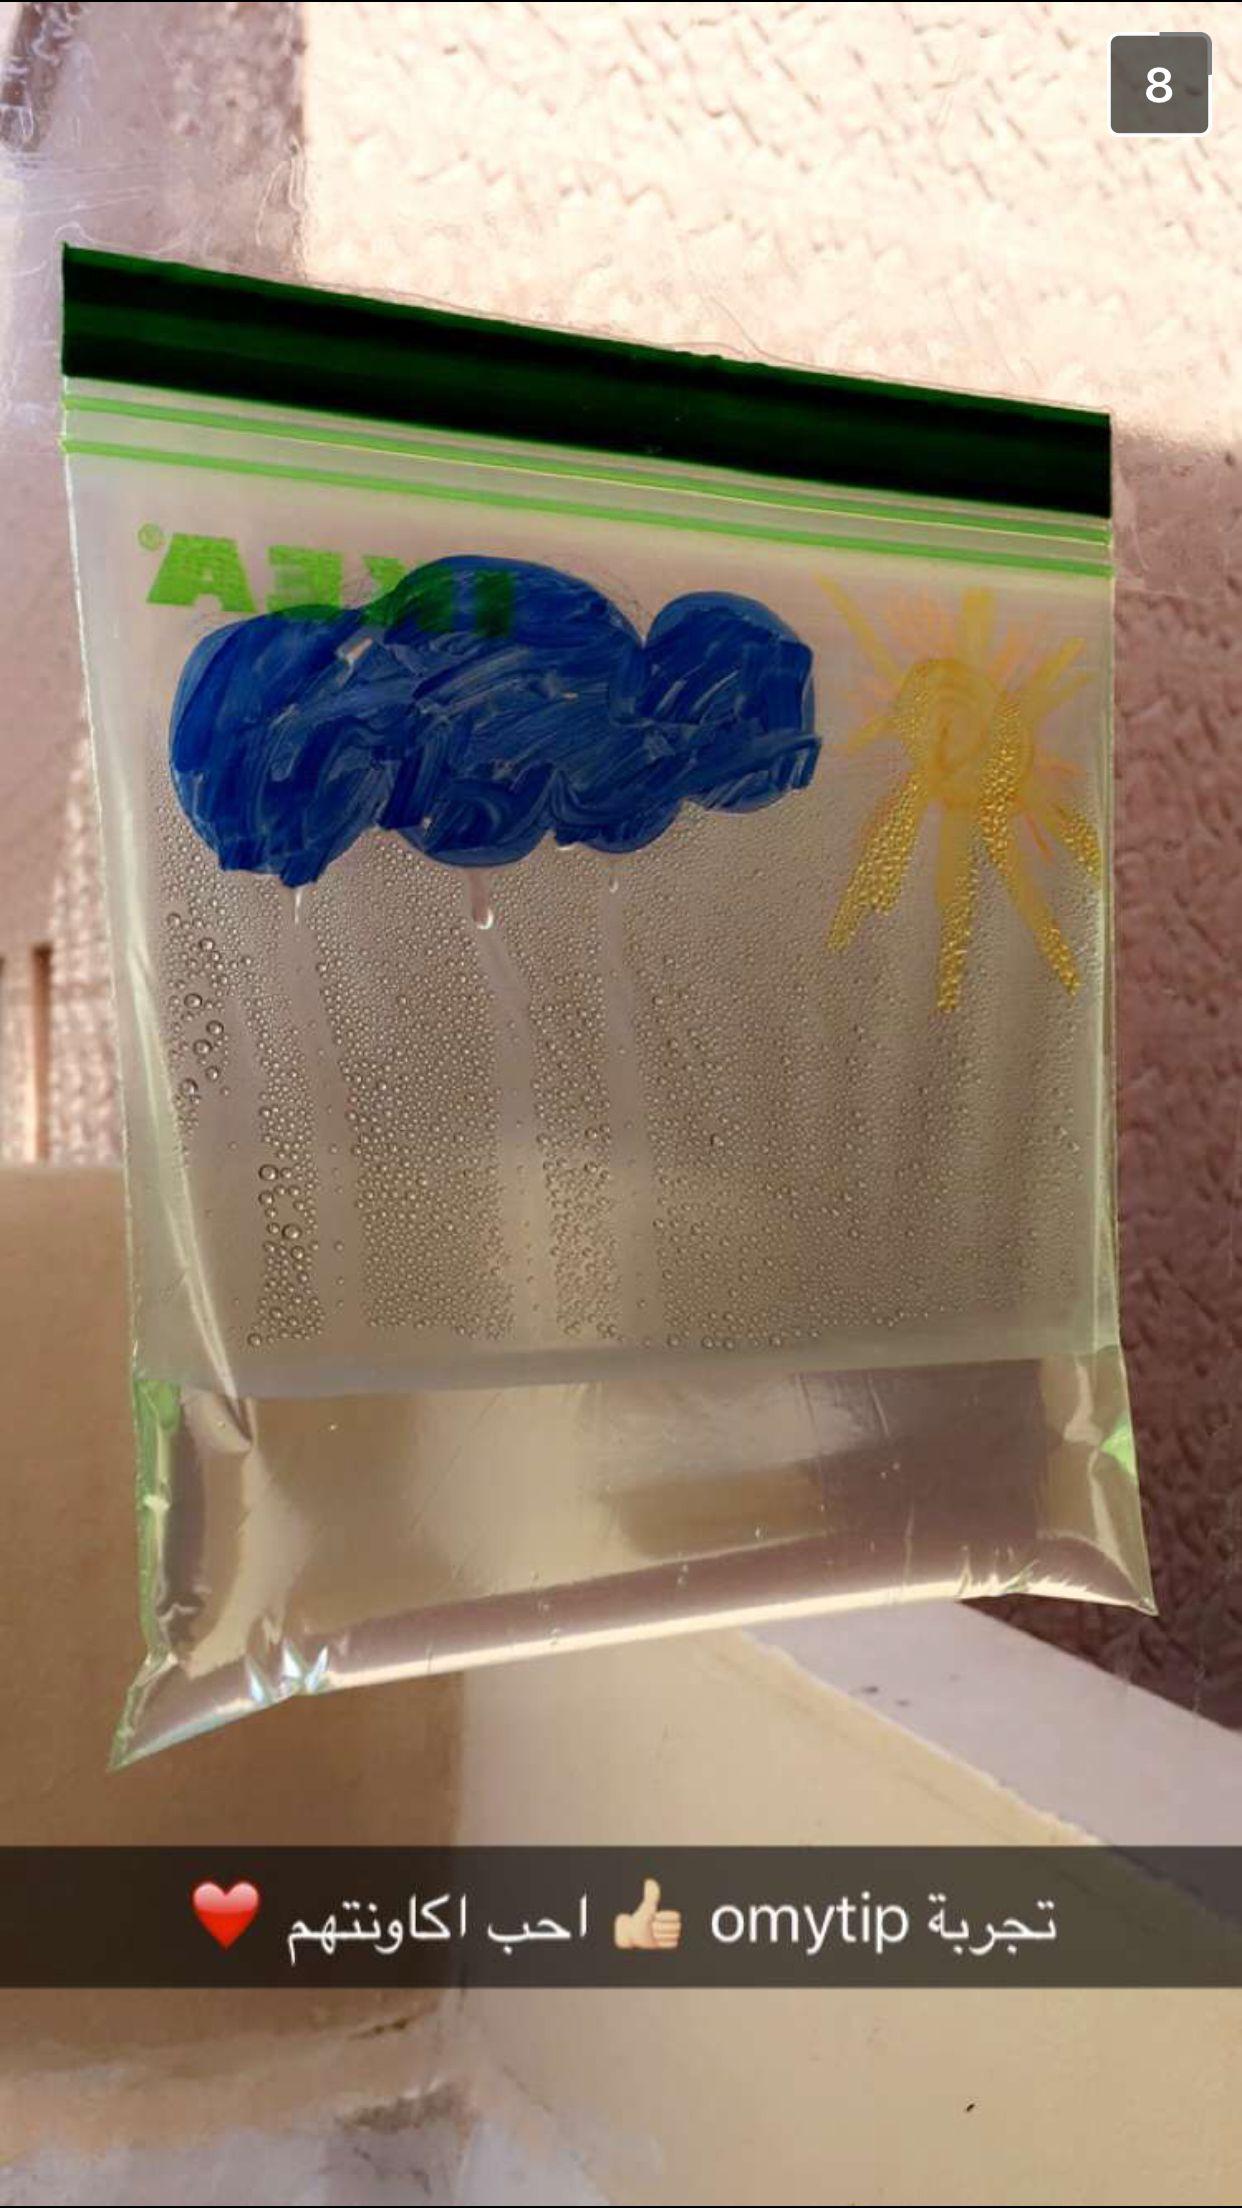 ولدي وايد يحب العلوم جربت اني اوصل له فكره دوره المياه في الكون بهذه التجربه البسيطه حطيت ماي داخل Science For Kids Science Experiments Kids Kids Classroom